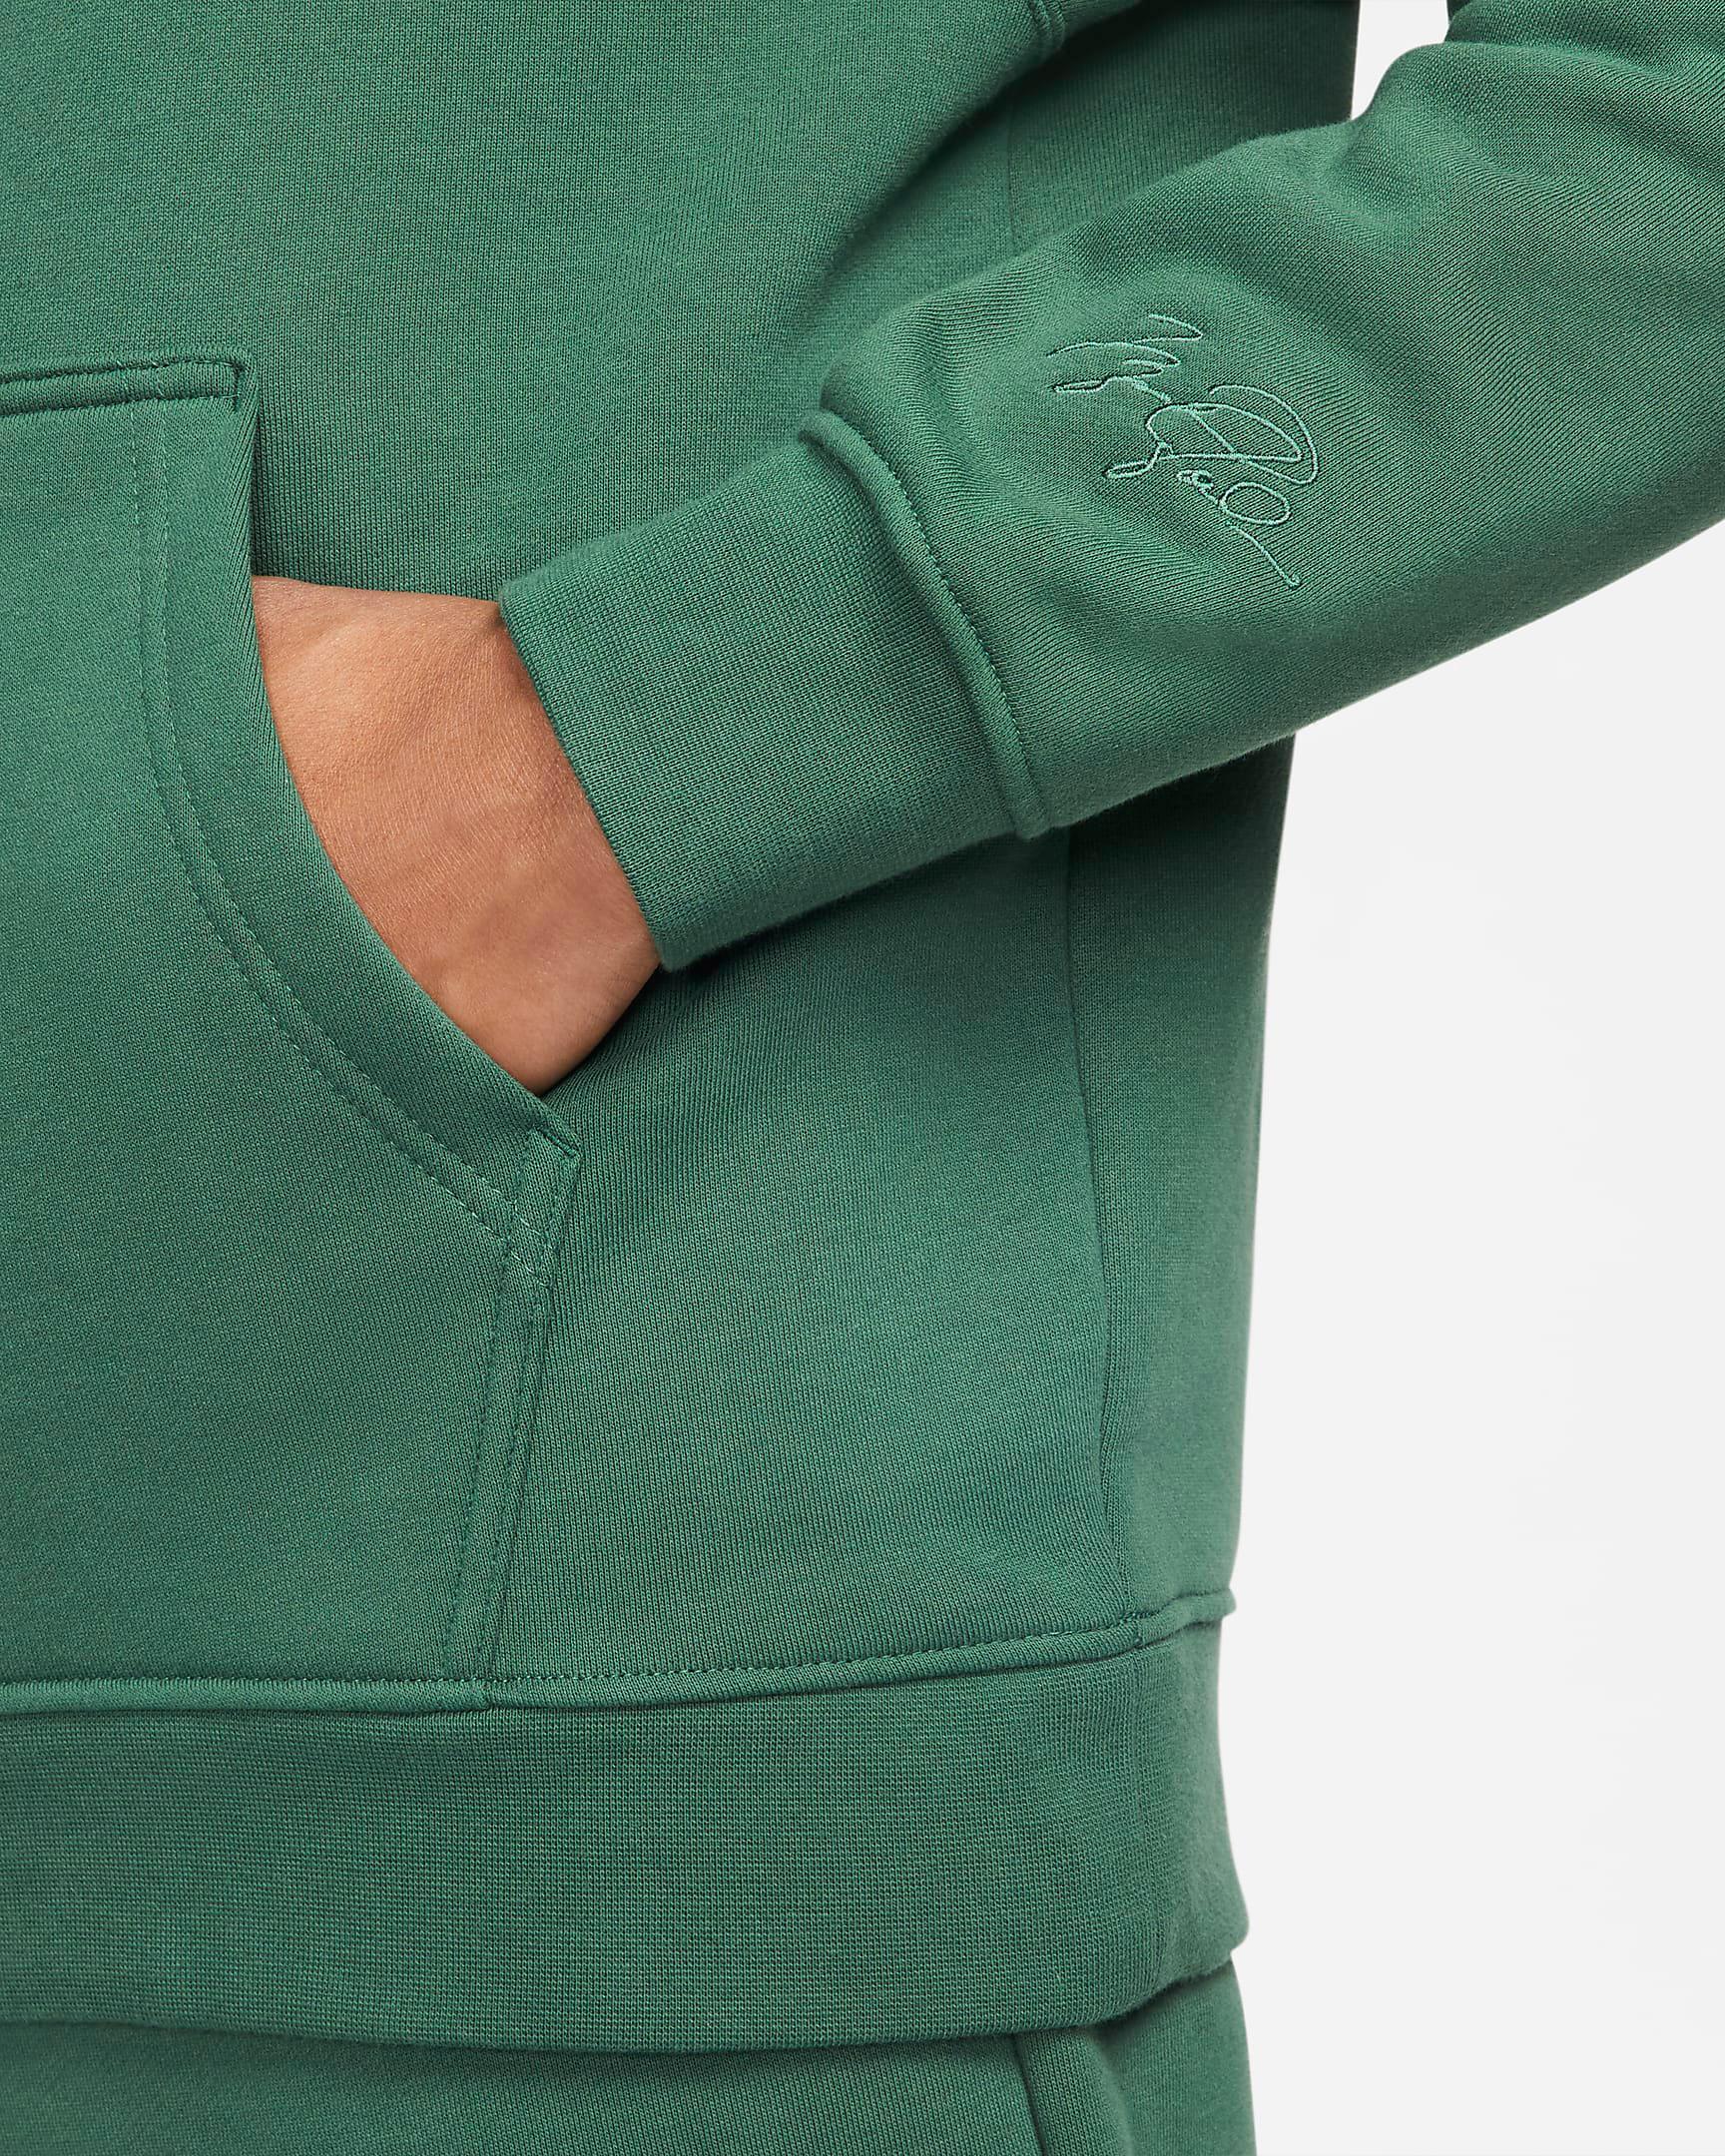 jordan-noble-green-essentials-pullover-hoodie-3